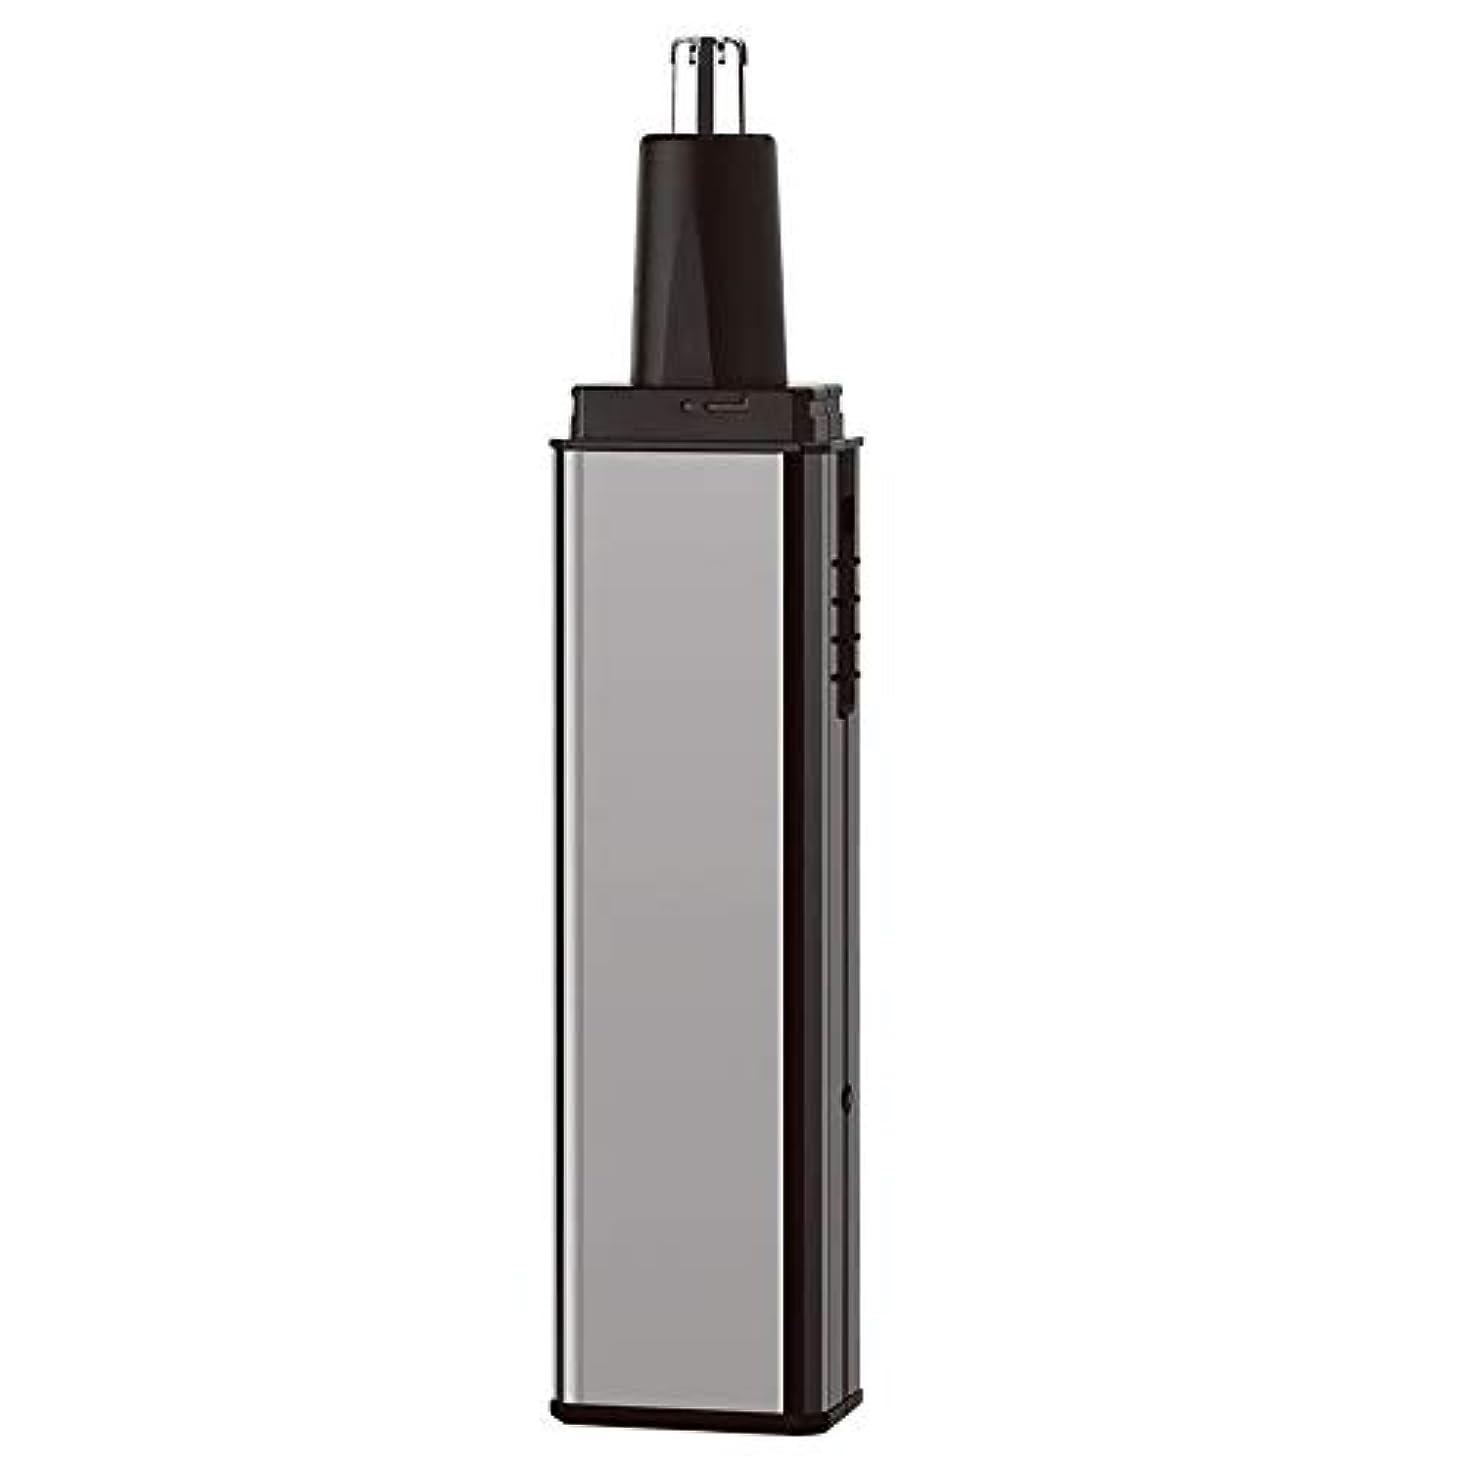 気質黒人均等に鼻毛トリマー-多機能スーツフォーインワン/電気鼻毛トリマー/ステンレススチール/多機能/ 13.5 * 2.7cm お手入れが簡単